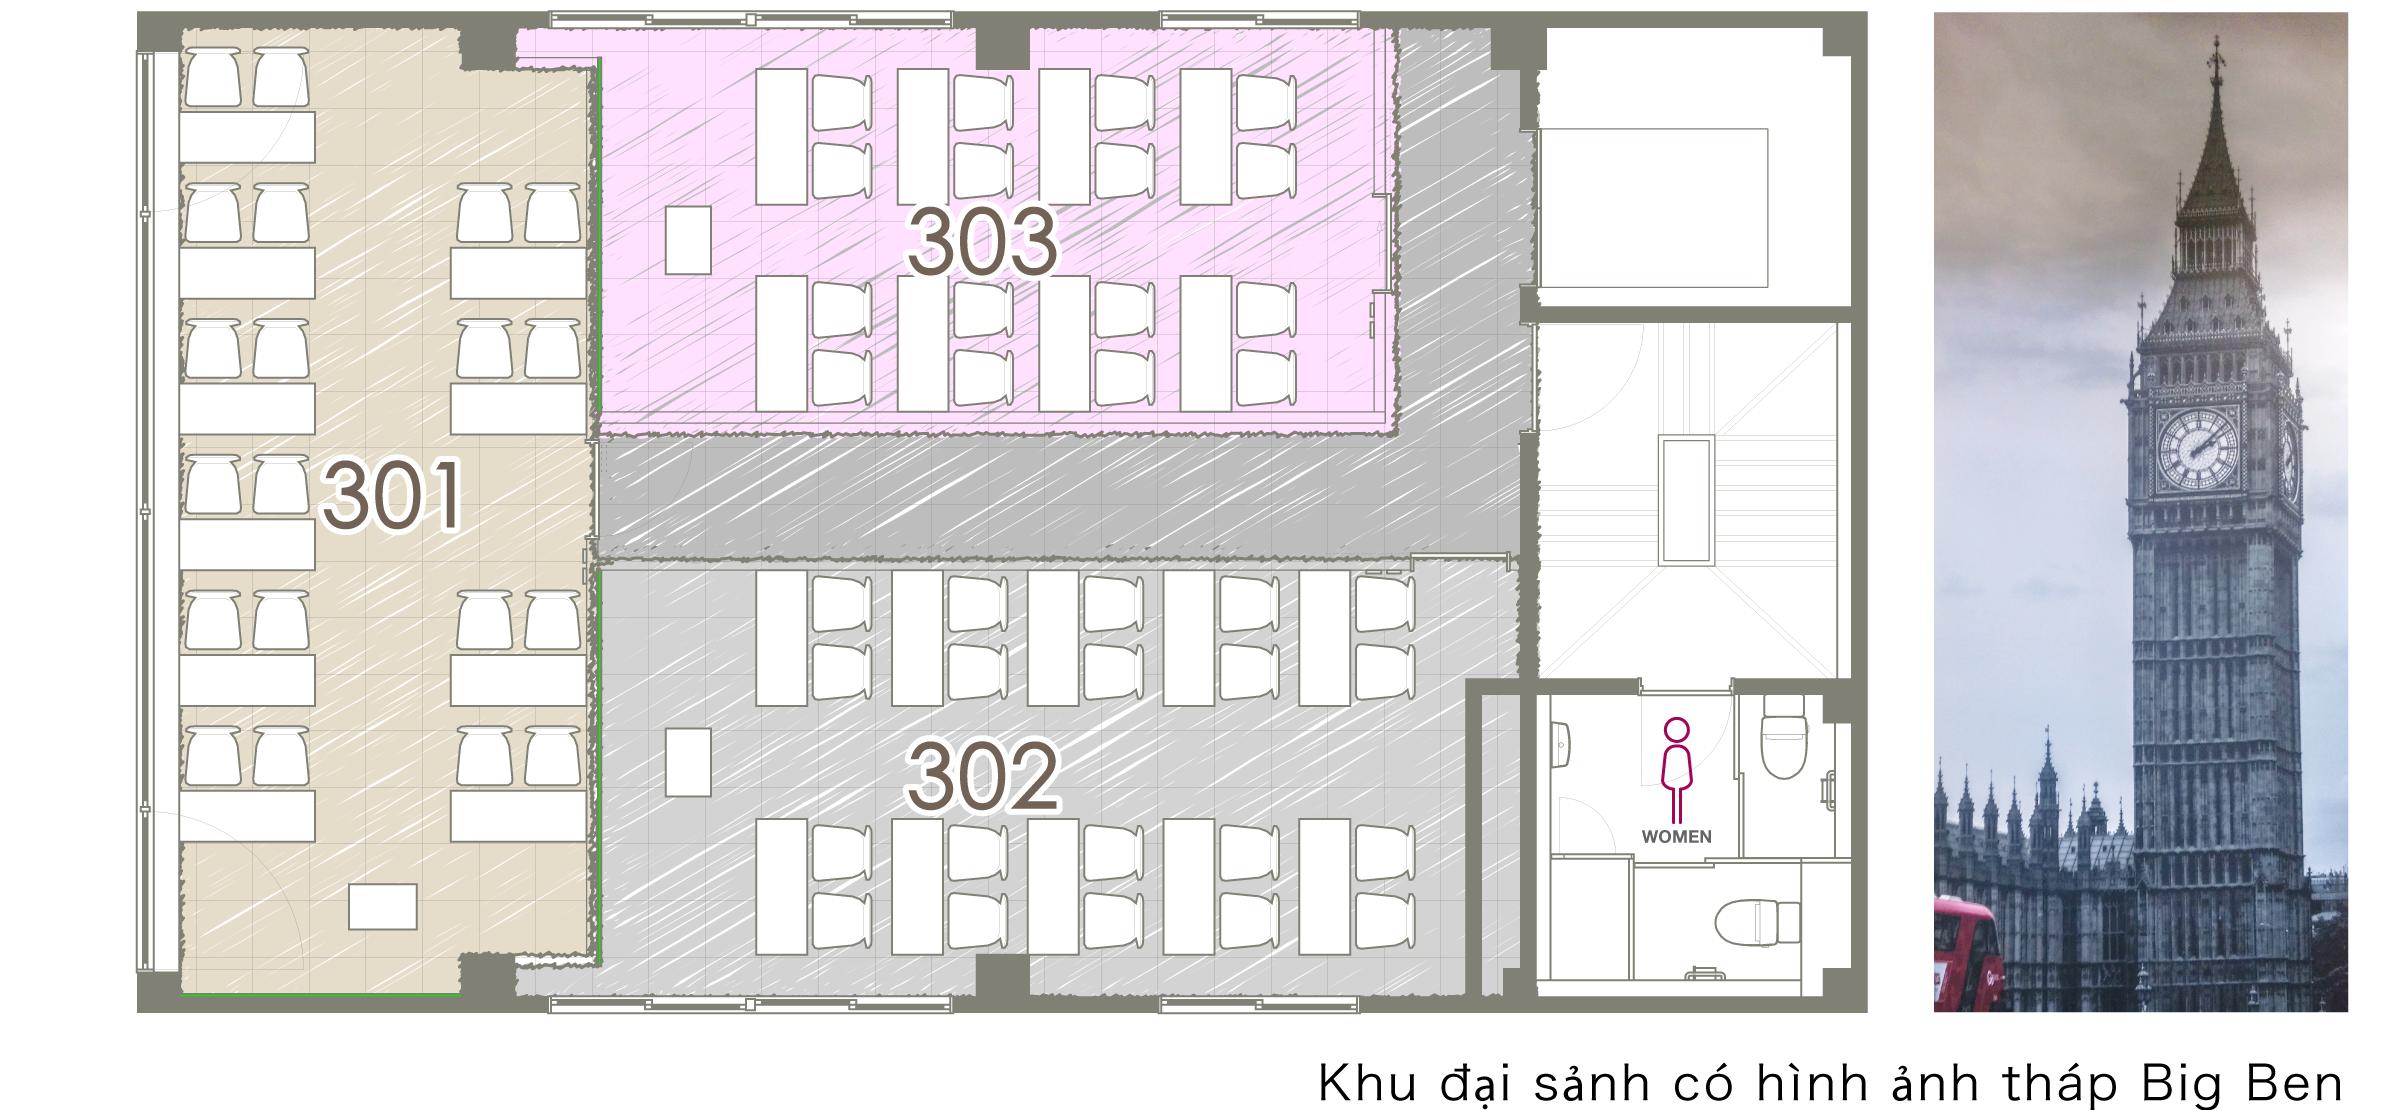 4F Bản đồ sàn